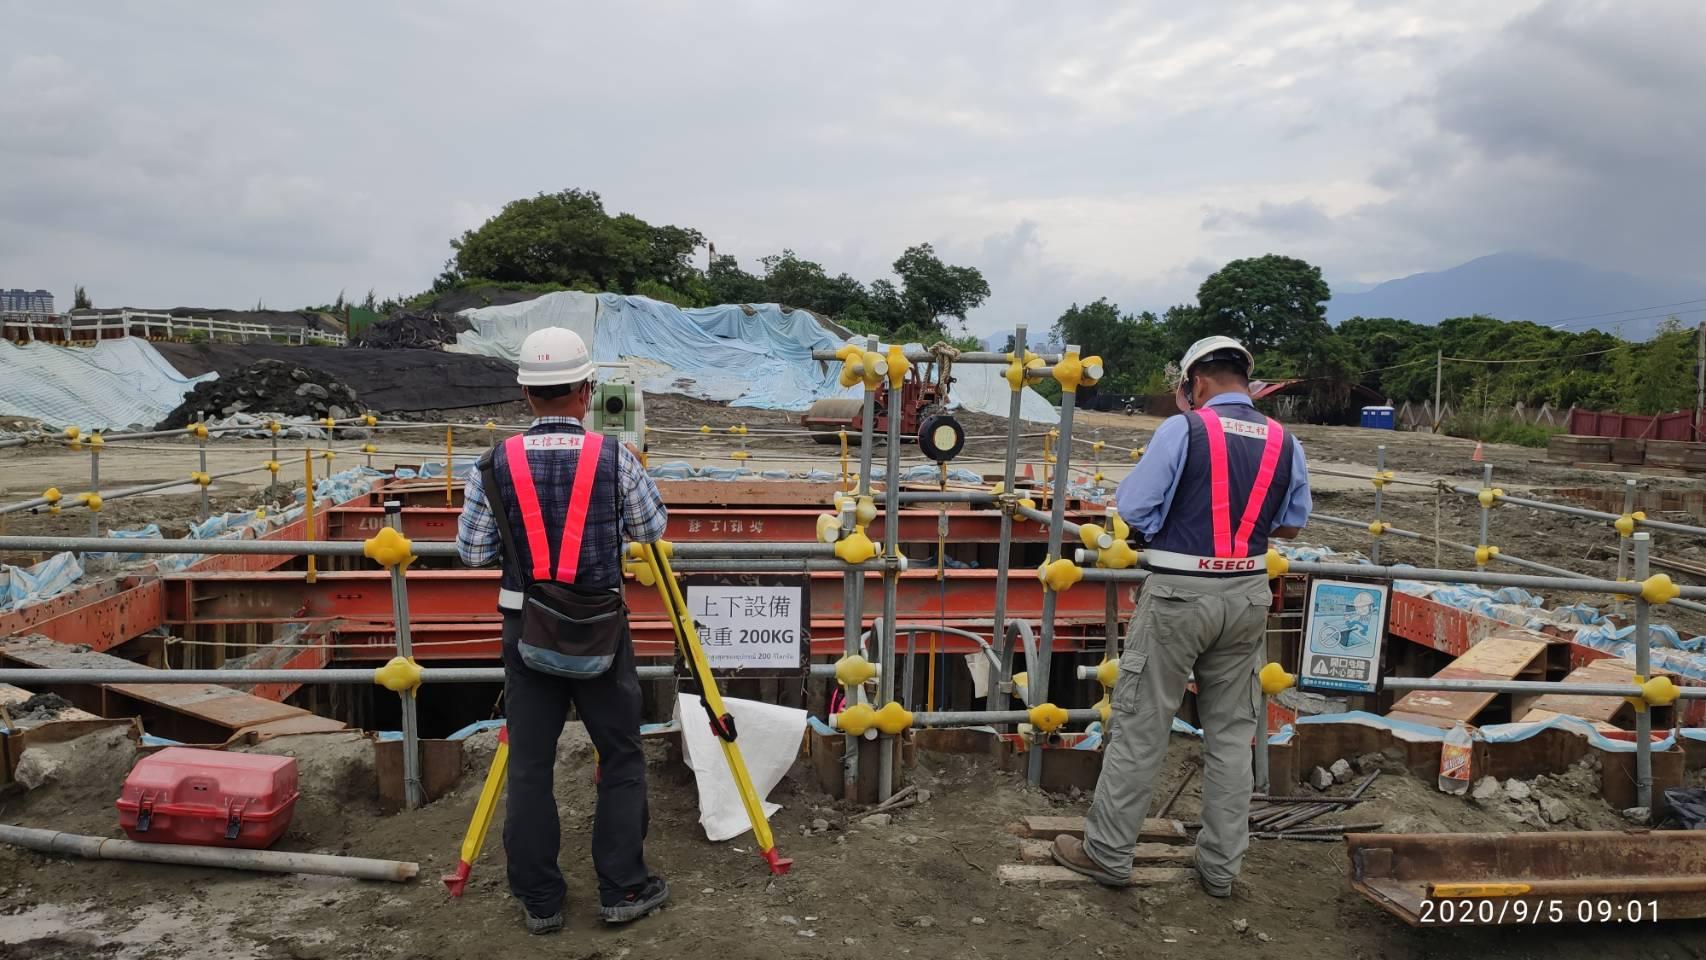 八里端橋墩基礎版位置測量放樣作業.